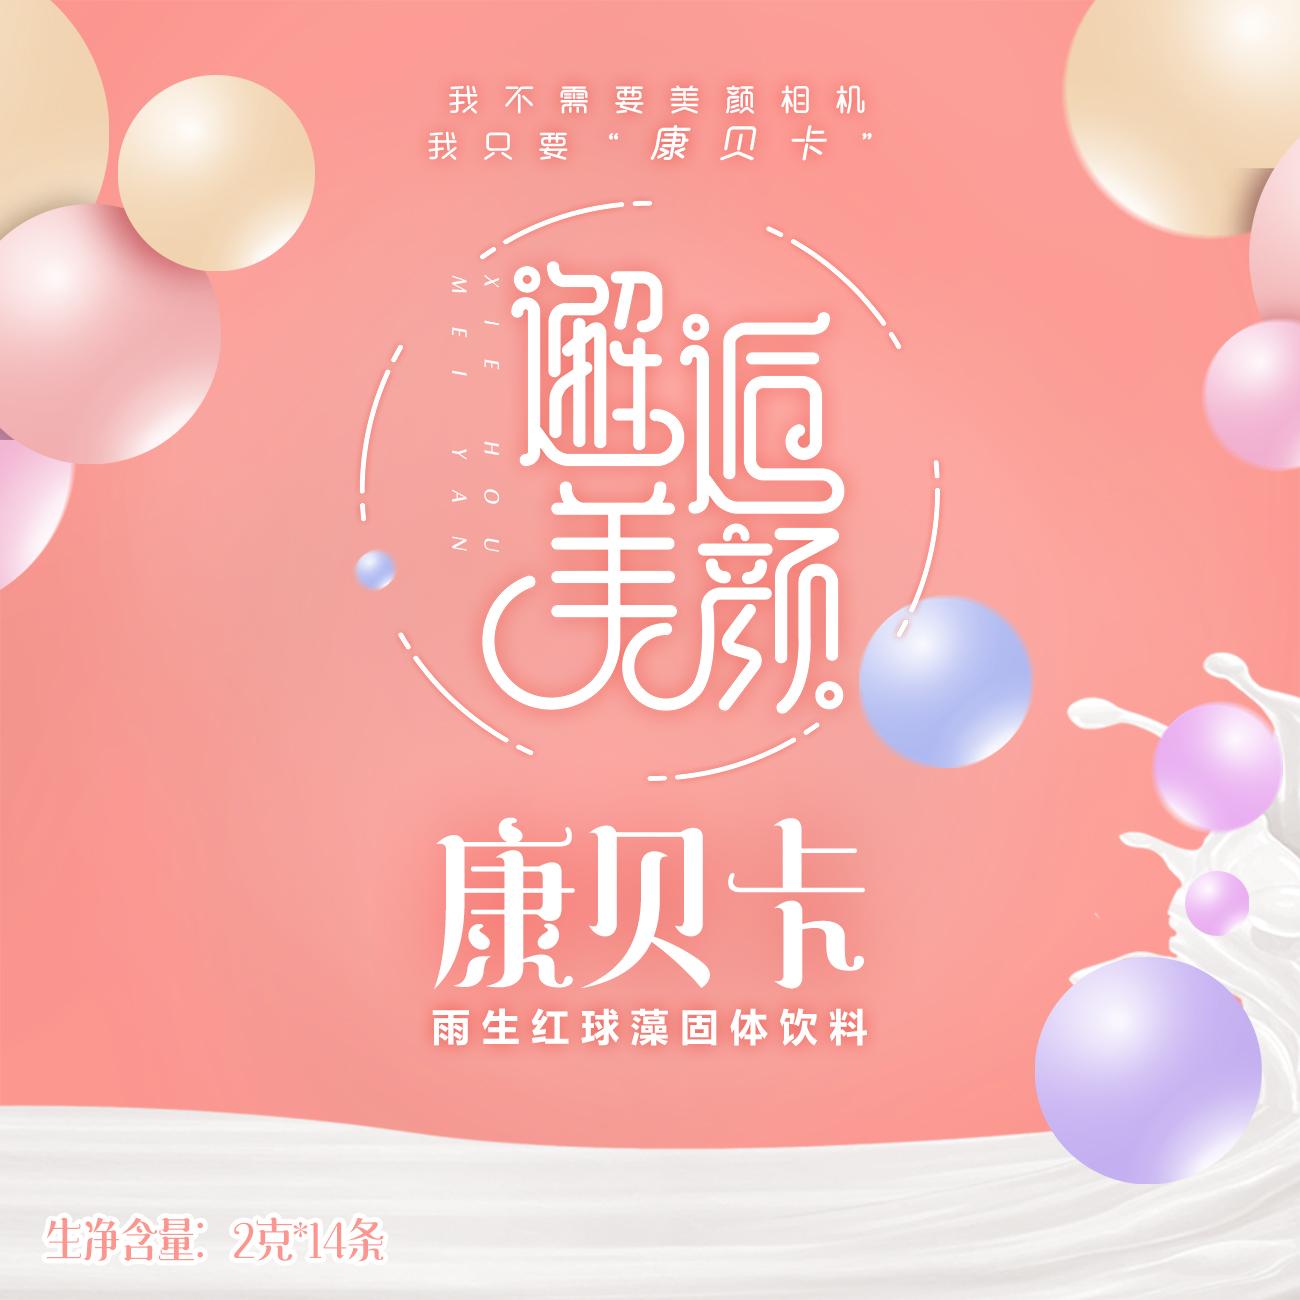 雨生红球藻固体饮料包装合设计_3018992_k68威客网